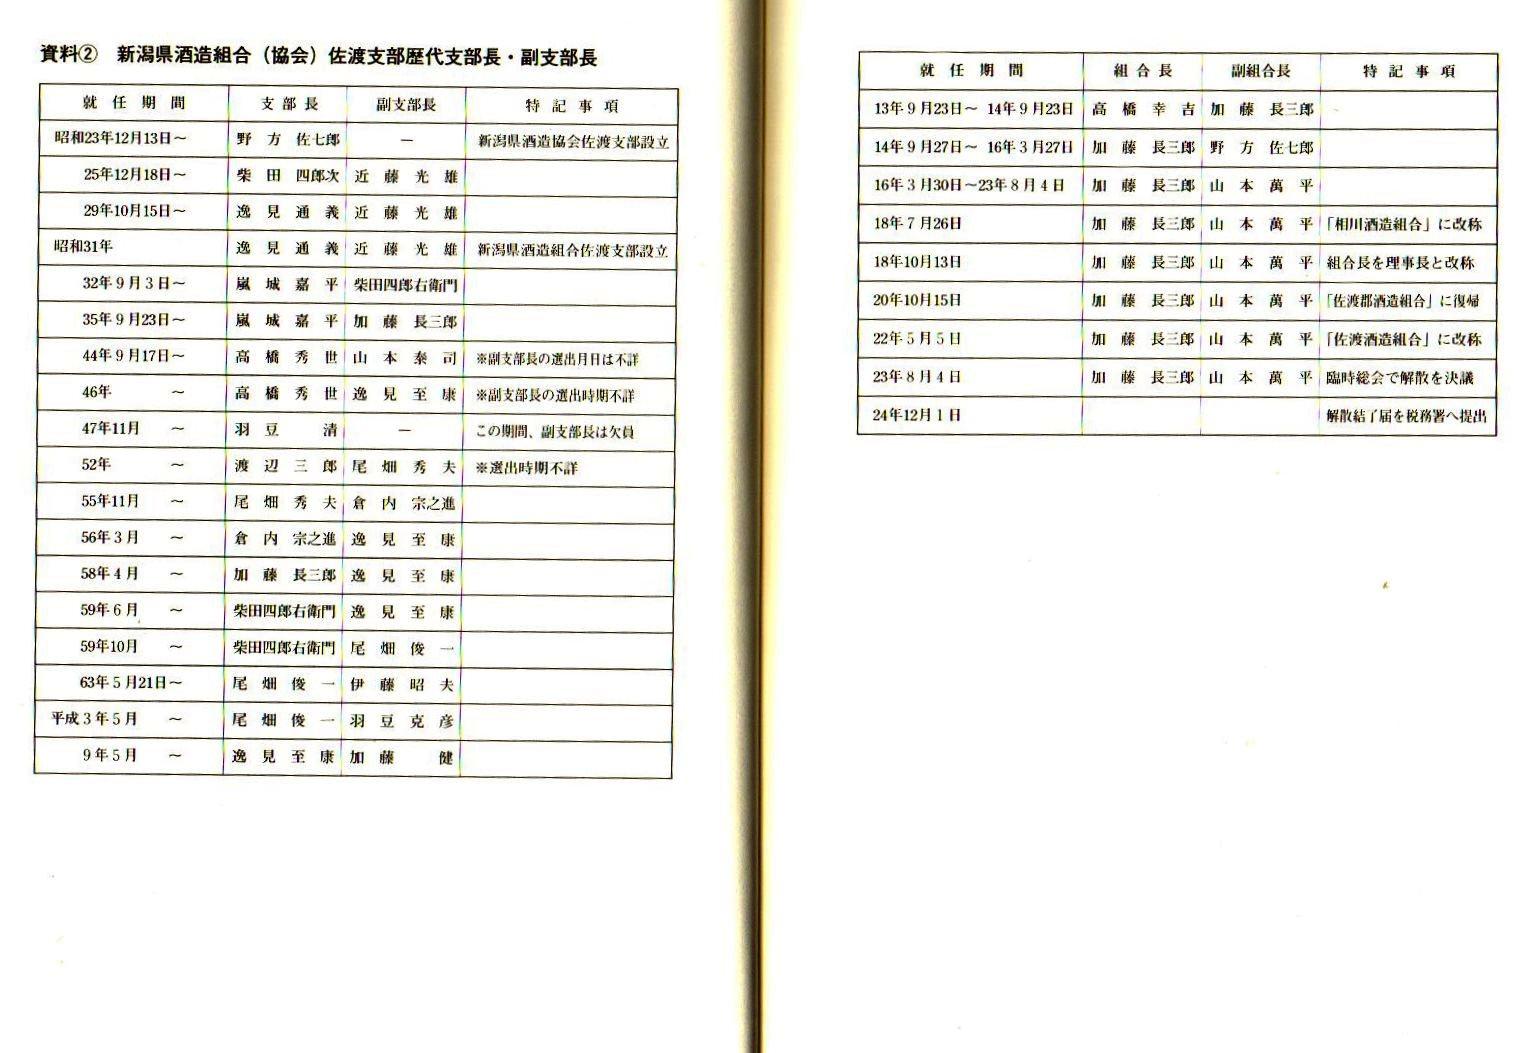 たか高橋幸吉 『続佐渡酒誌』(平成14年) (2)